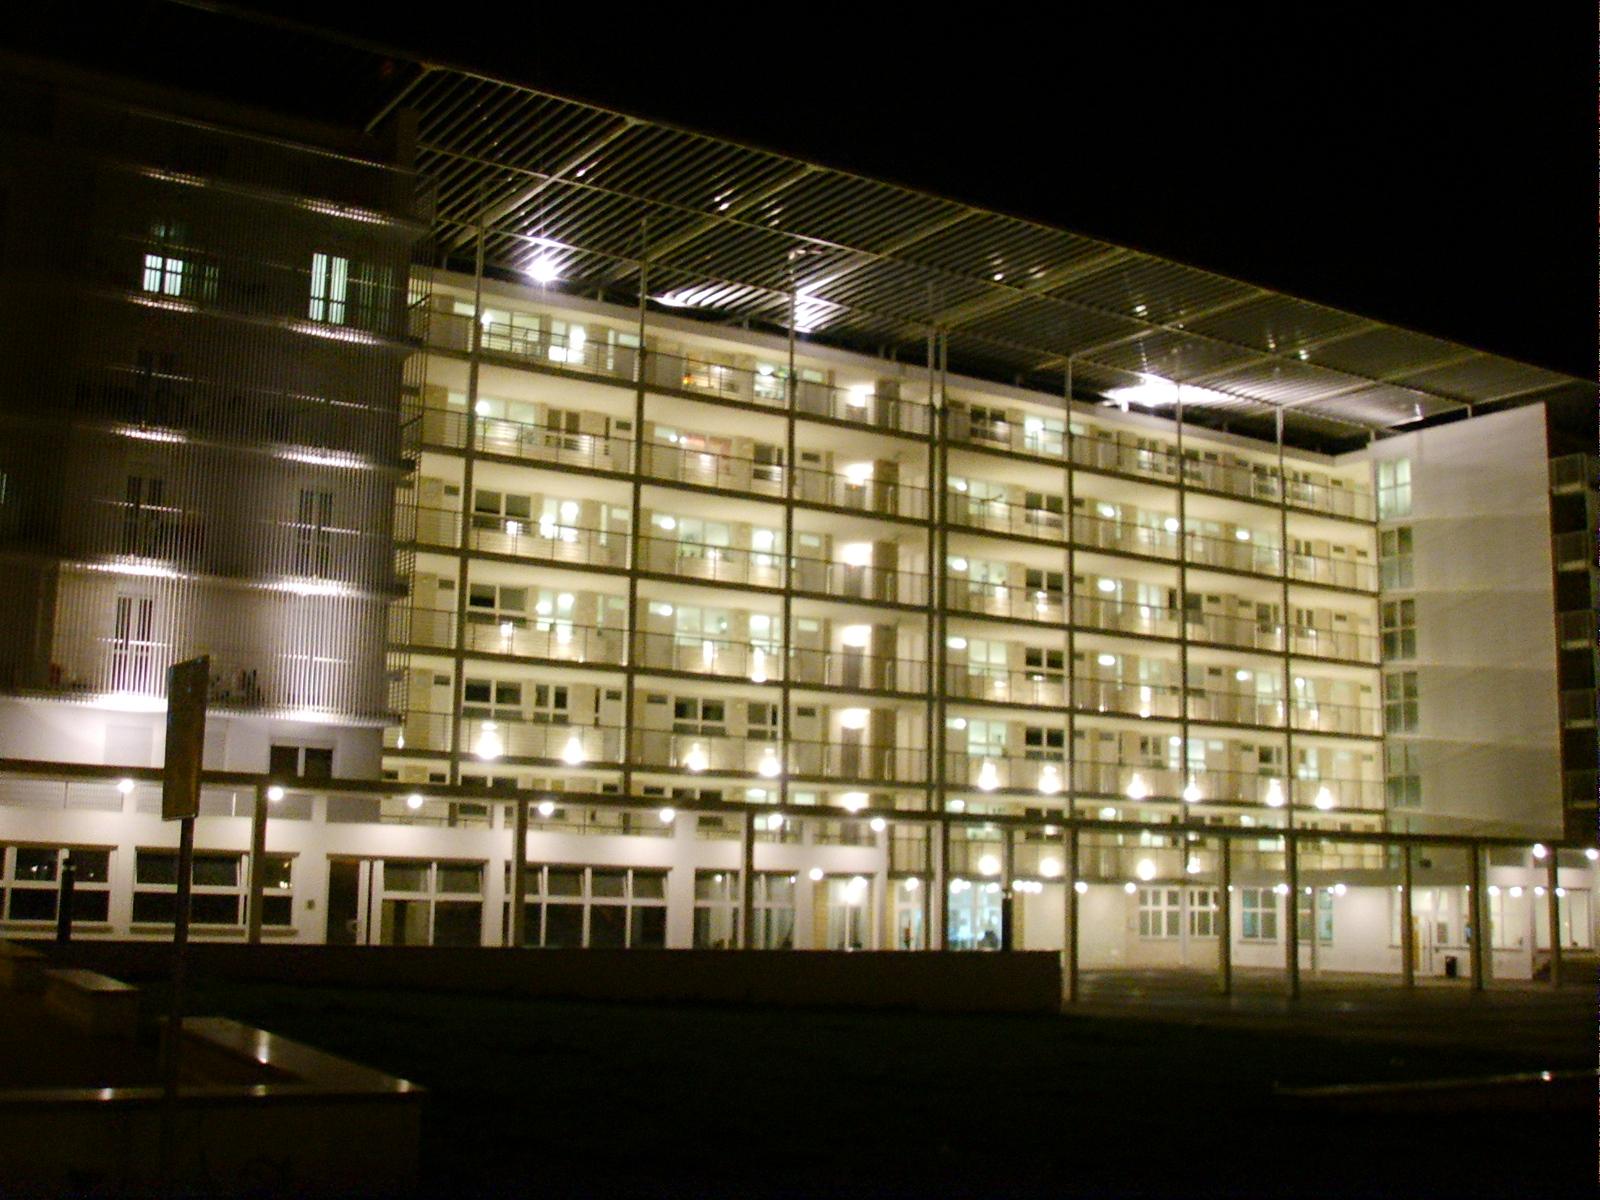 FileCasa dello studente firenze night 01JPG  Wikimedia Commons